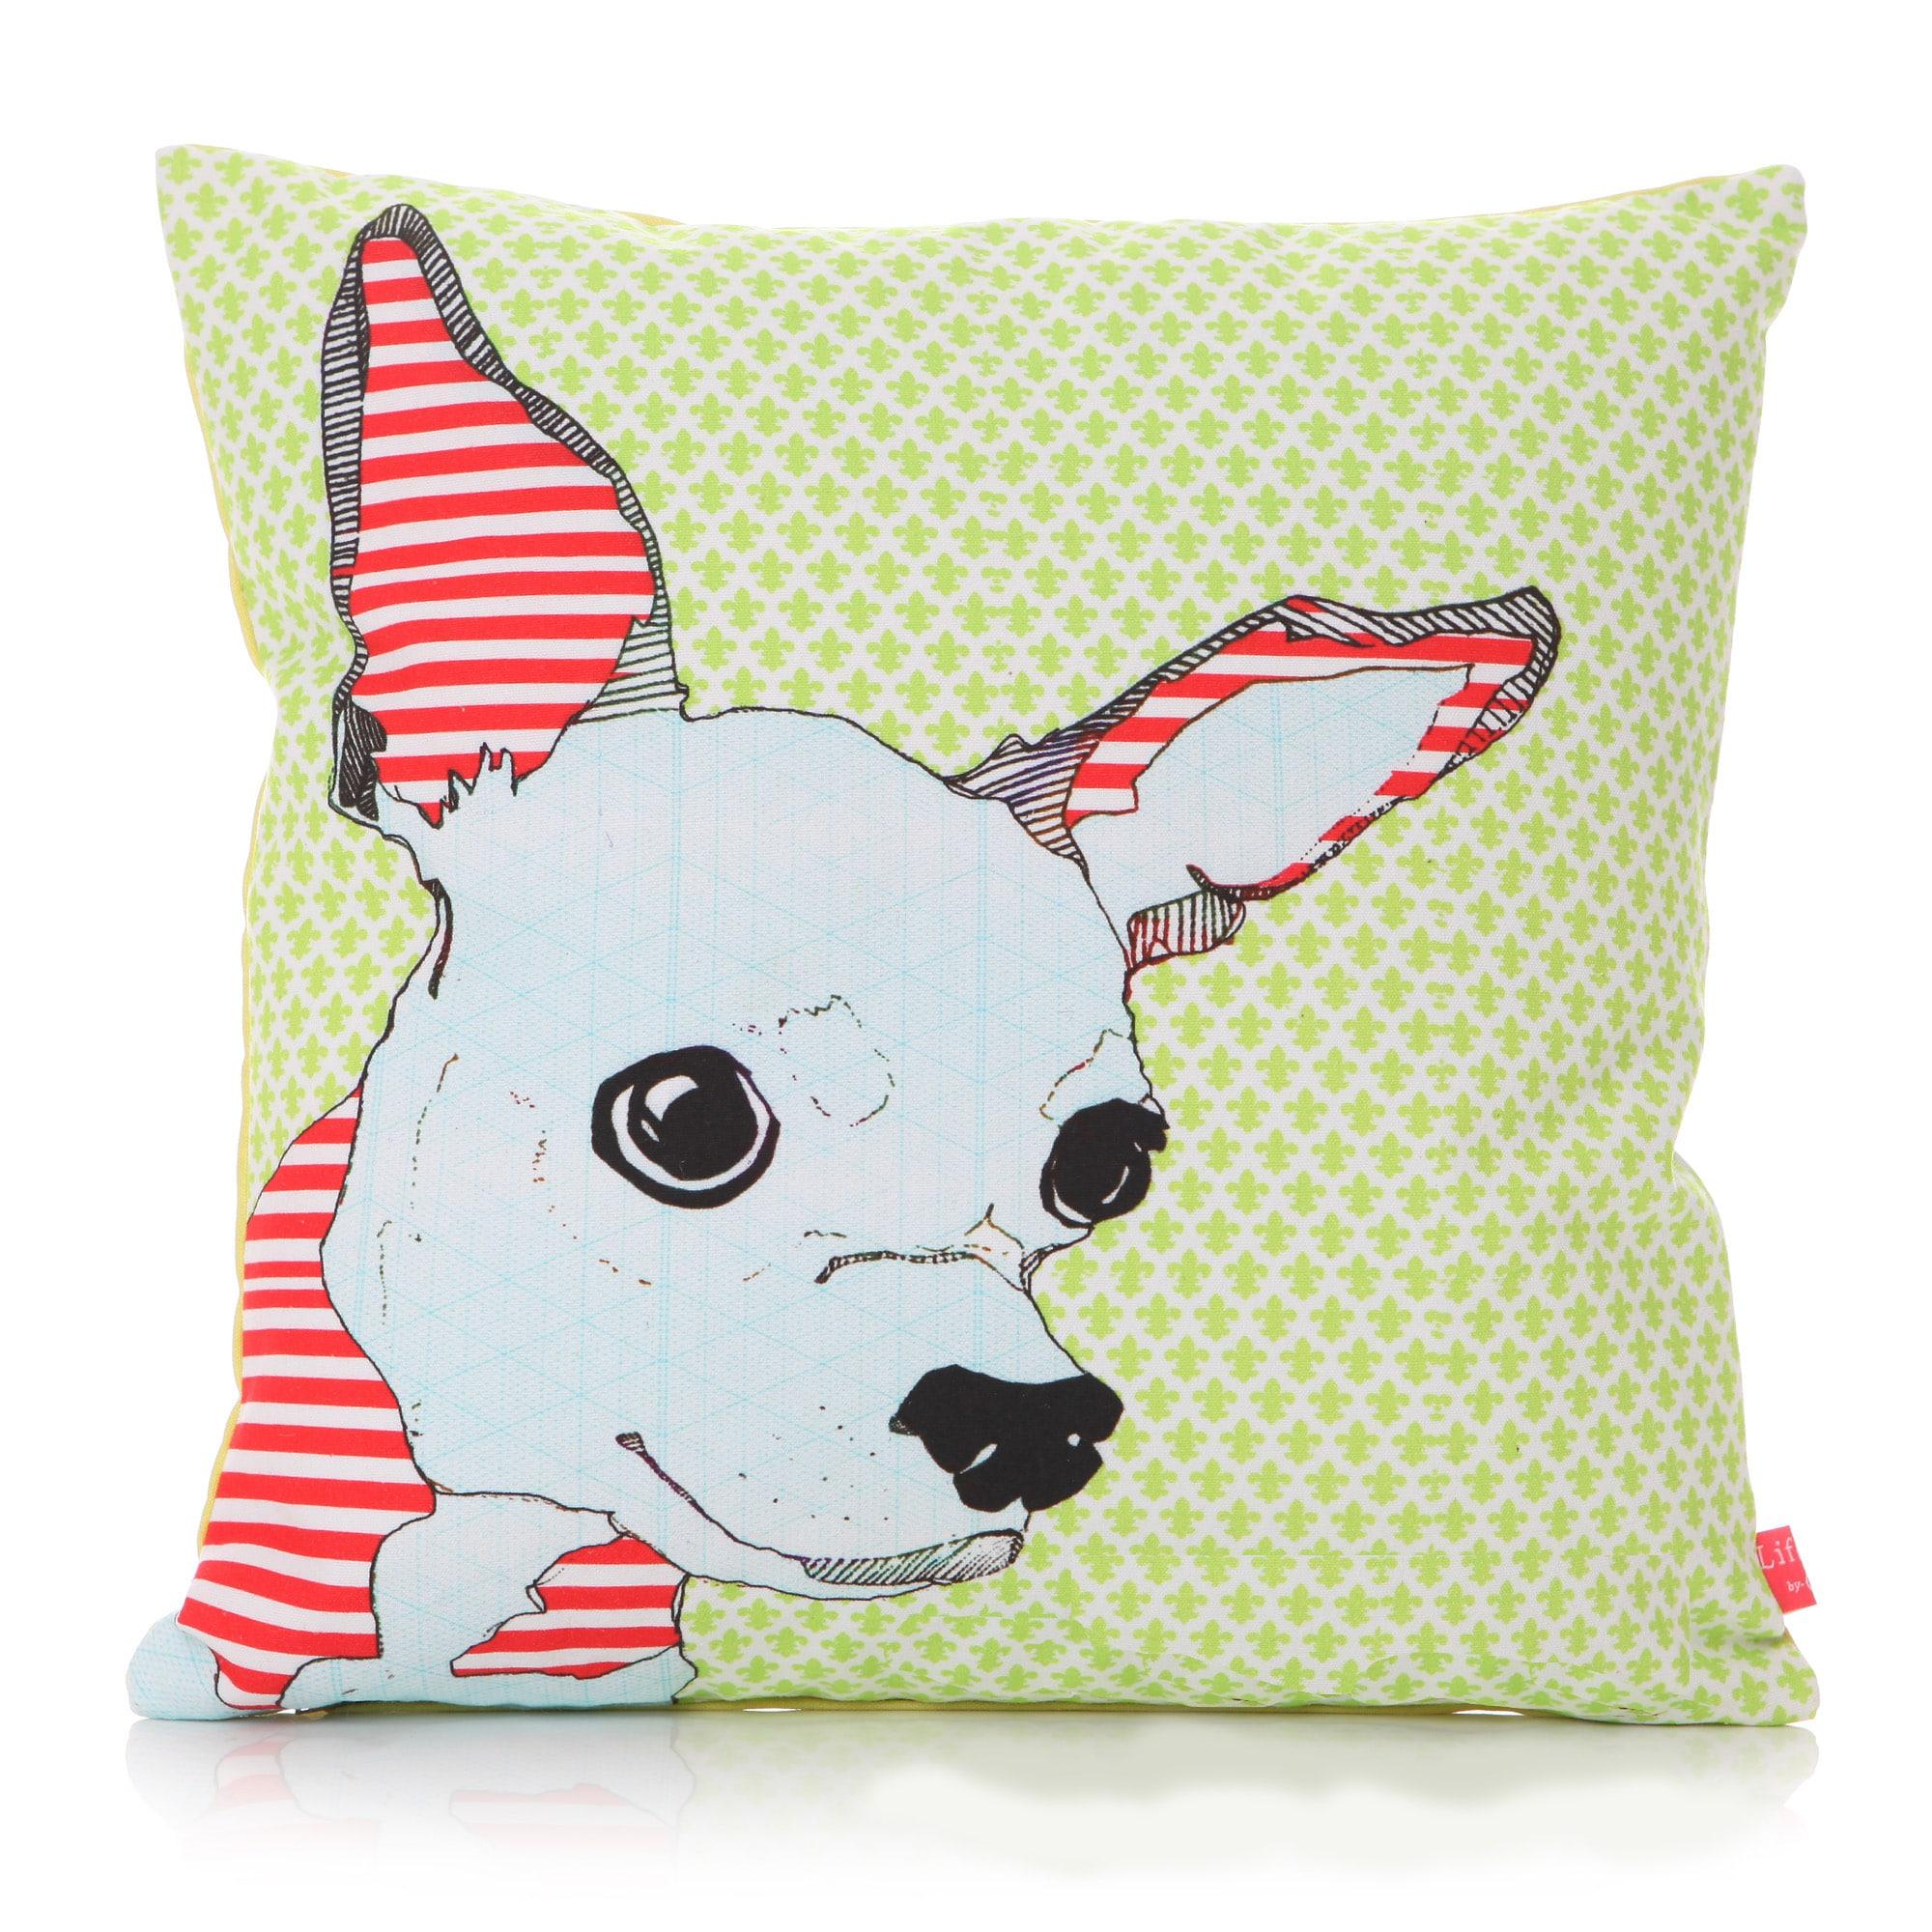 Chihuahua Cushion